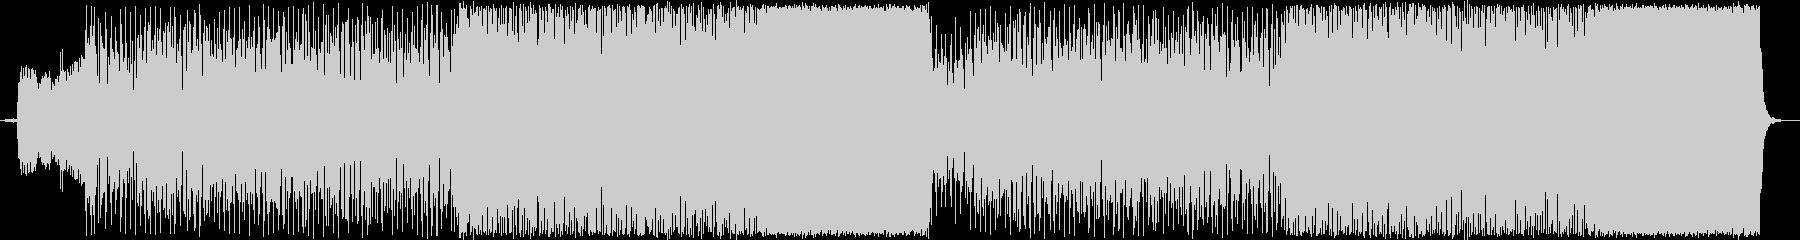 チェロを用いたオシャレなロックBGMの未再生の波形